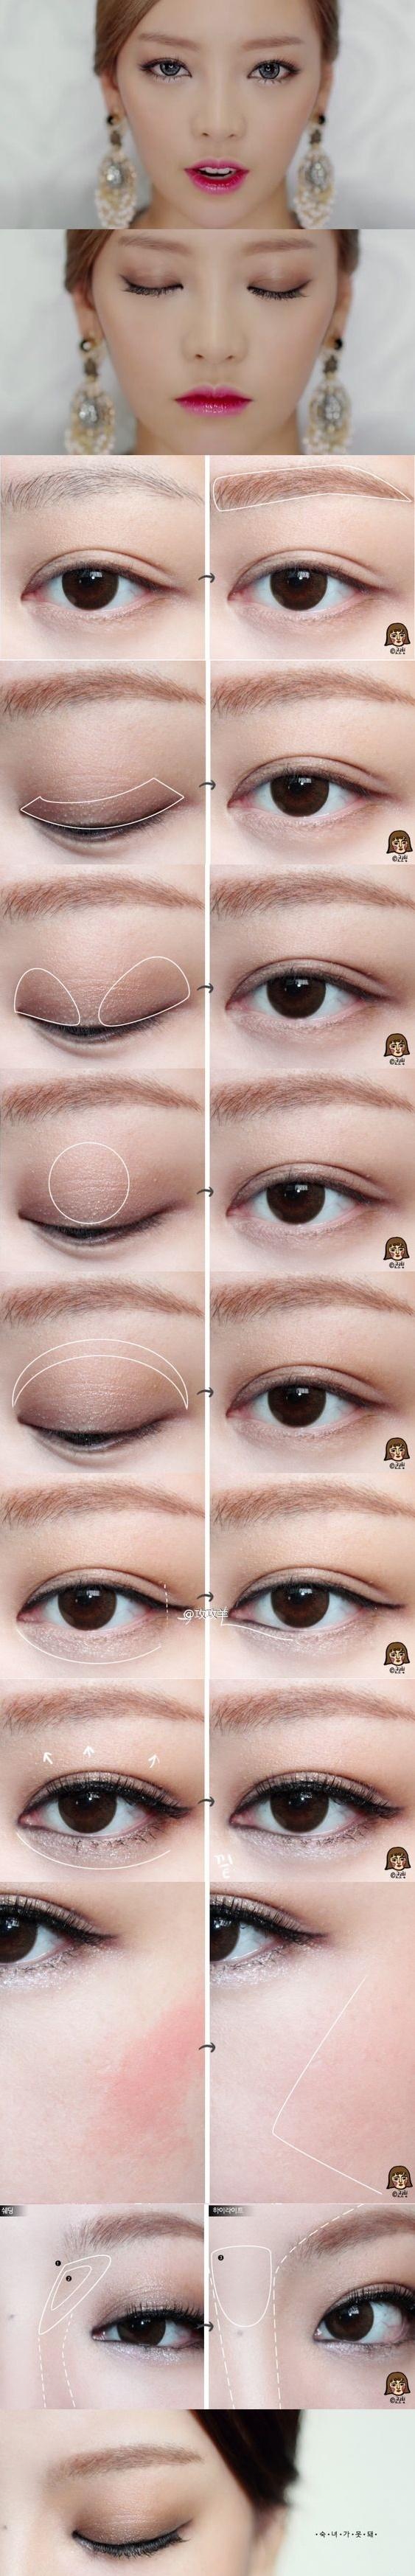 ojos_asiaticos